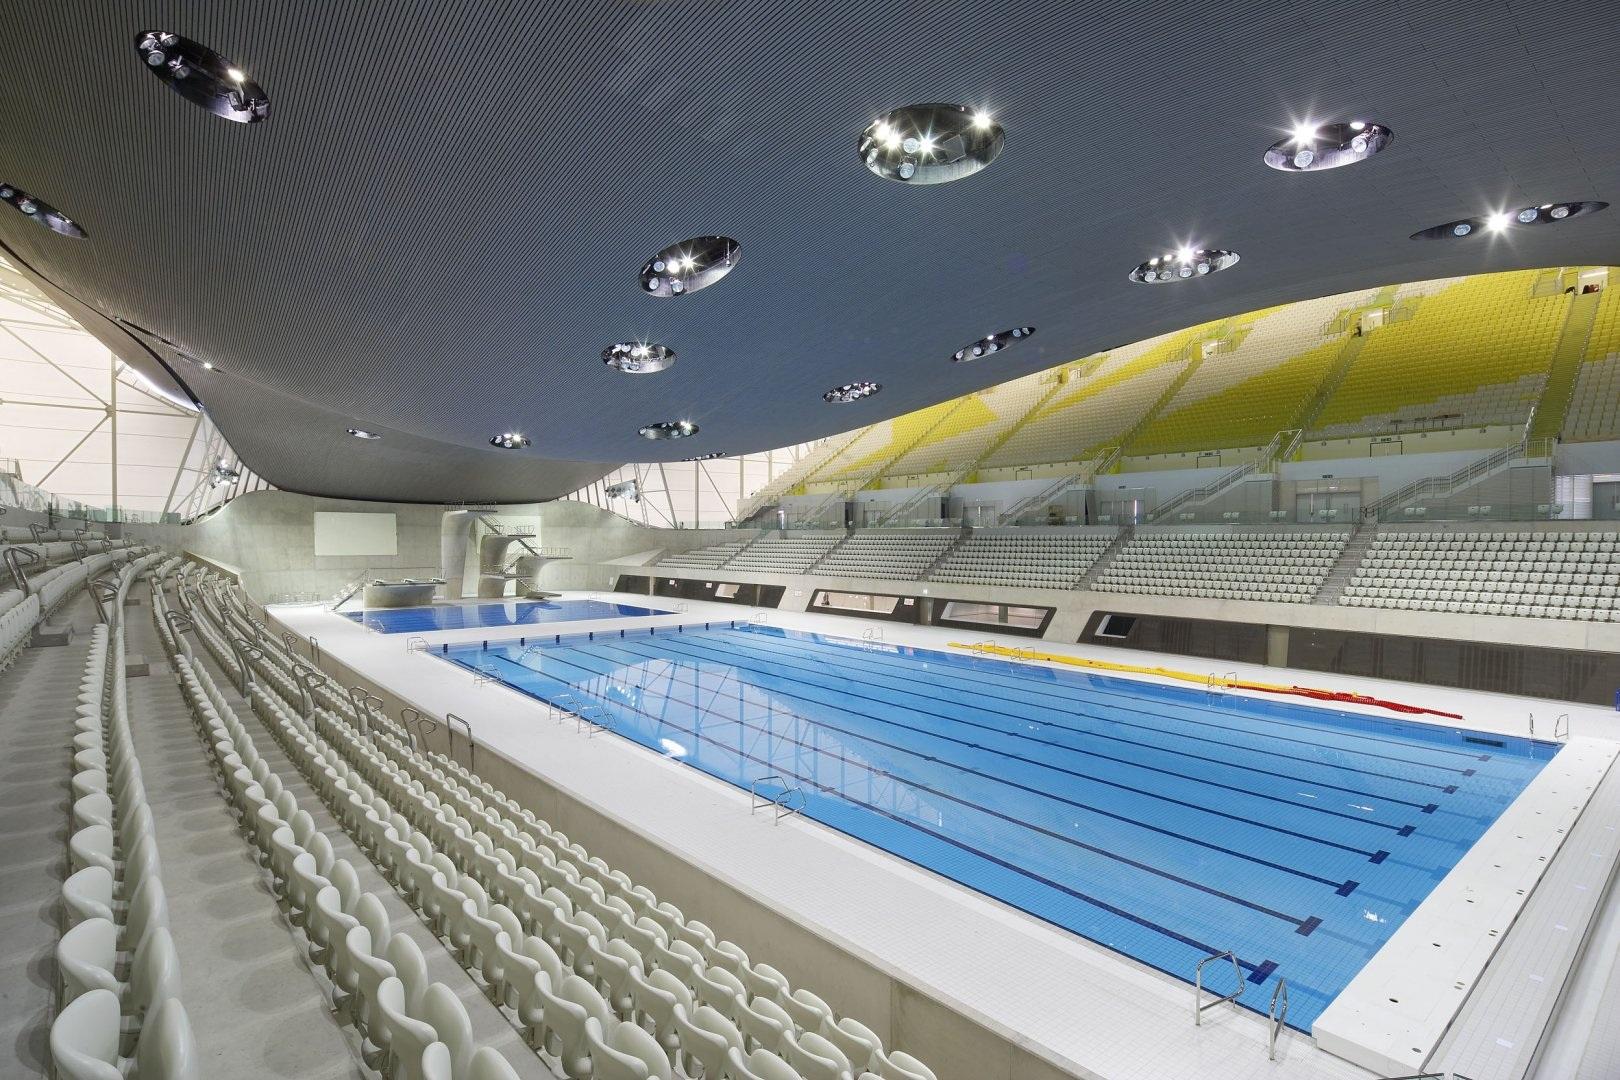 la piscine des jeux olympiques de londres 2012 par zaha hadid